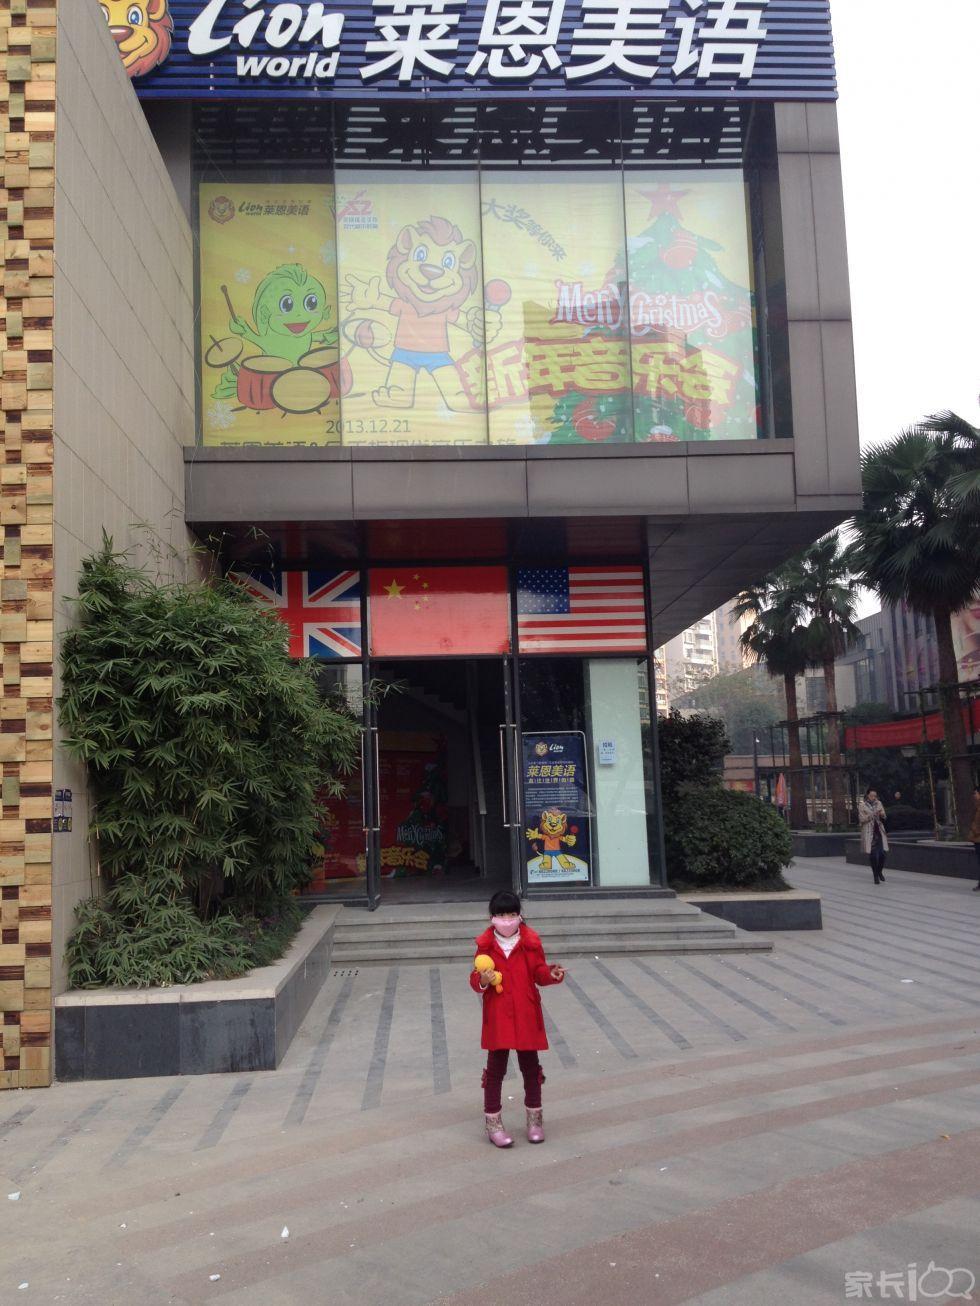 莱恩美语坐落于积玉桥地铁站d出口金地商铺.一楼是进口二楼是教室